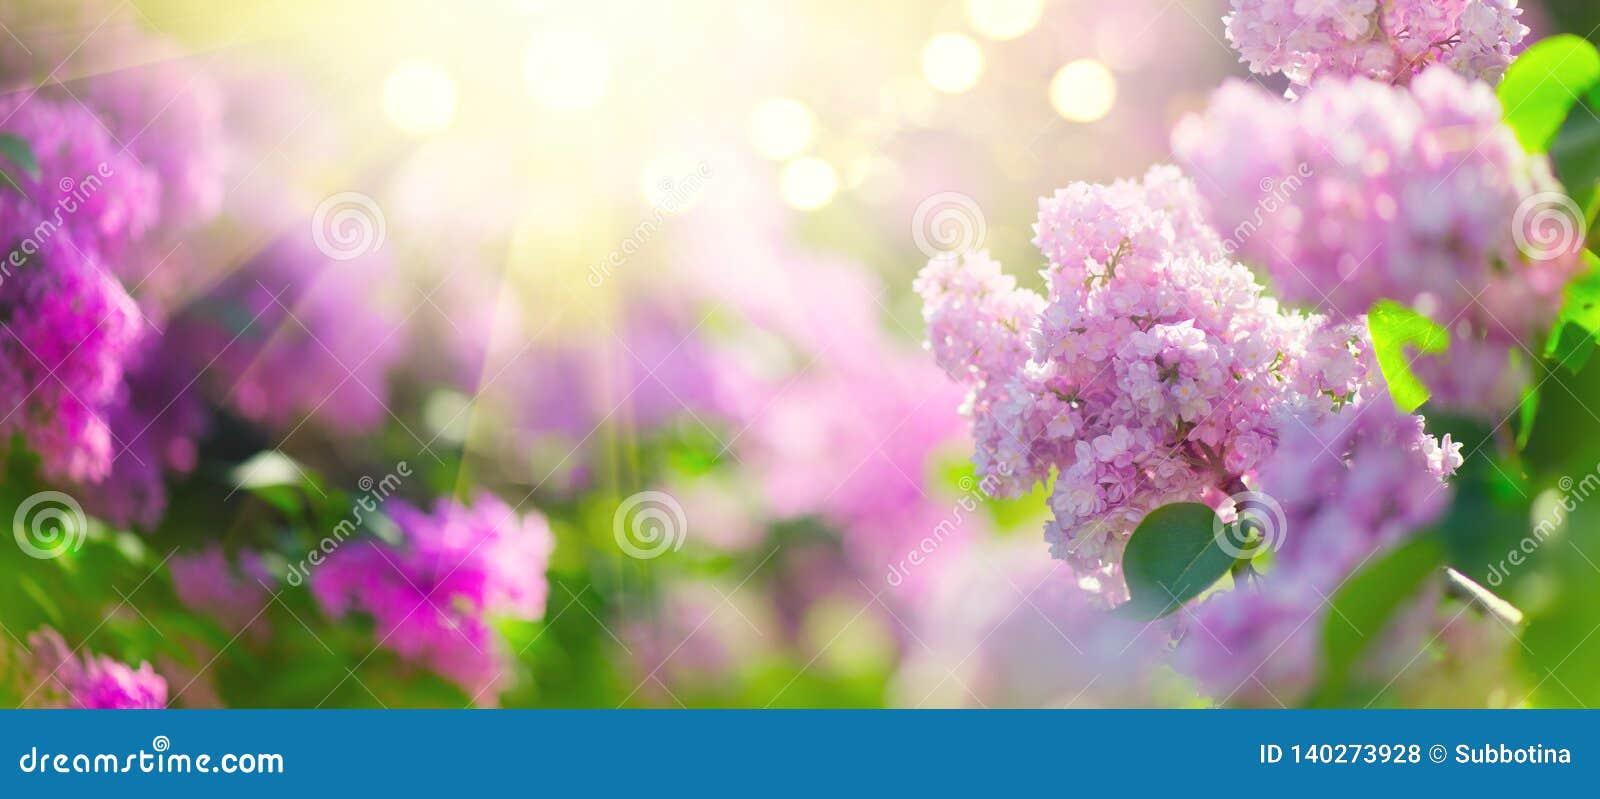 Ιώδες άνοιξη λουλουδιών υπόβαθρο σχεδίου τέχνης δεσμών ιώδες Ανθίζοντας ιώδη ιώδη λουλούδια